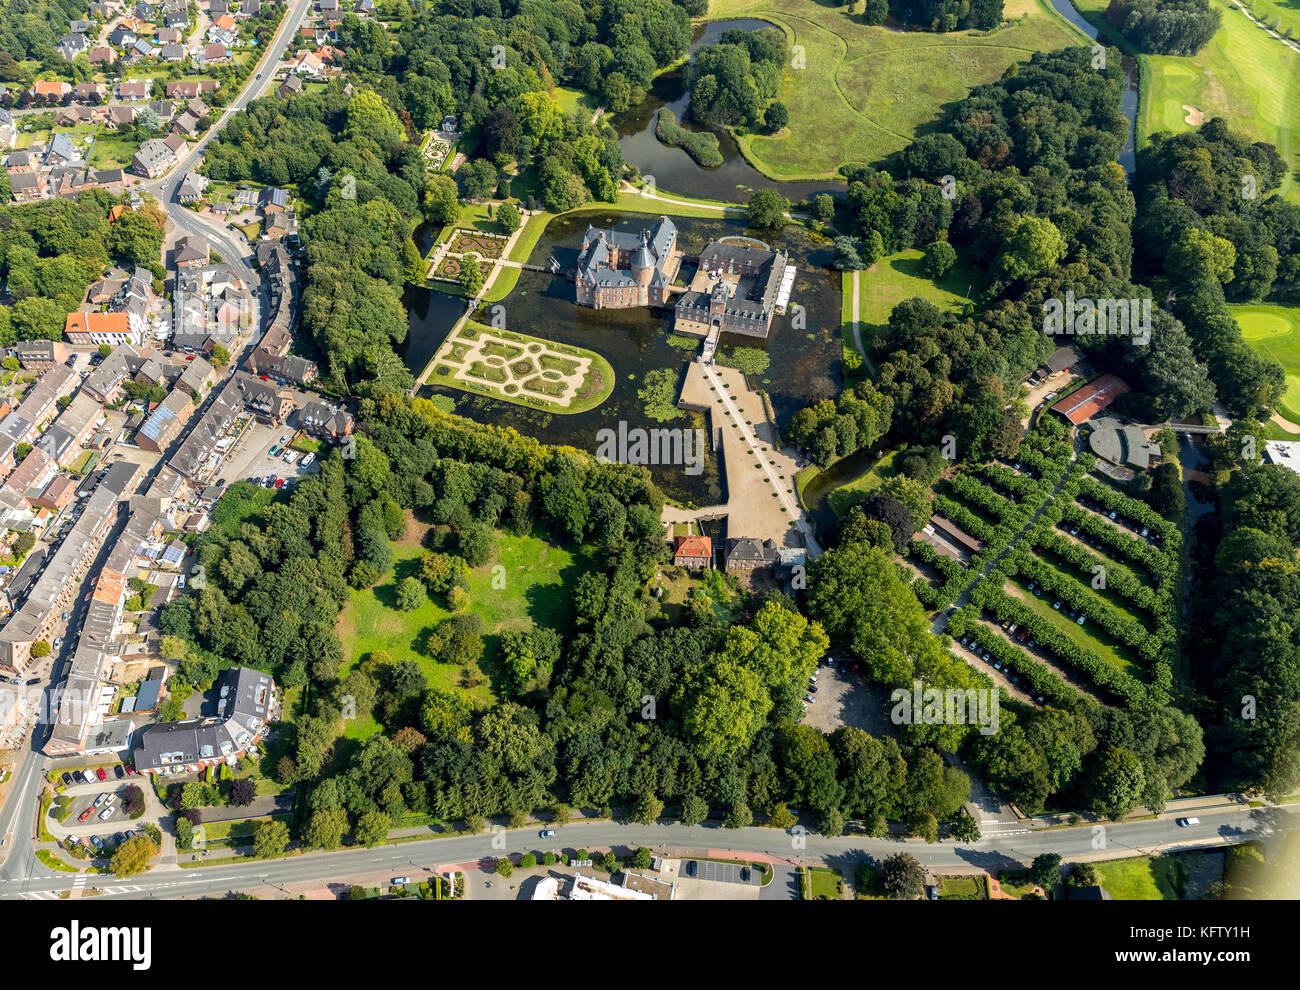 Isselburg, Niederrhein, Romantik Parkhotel Wasserburg Anholt, Museum Wasserburg Anholt, mit barocken Karten, Wasserburg Stockbild